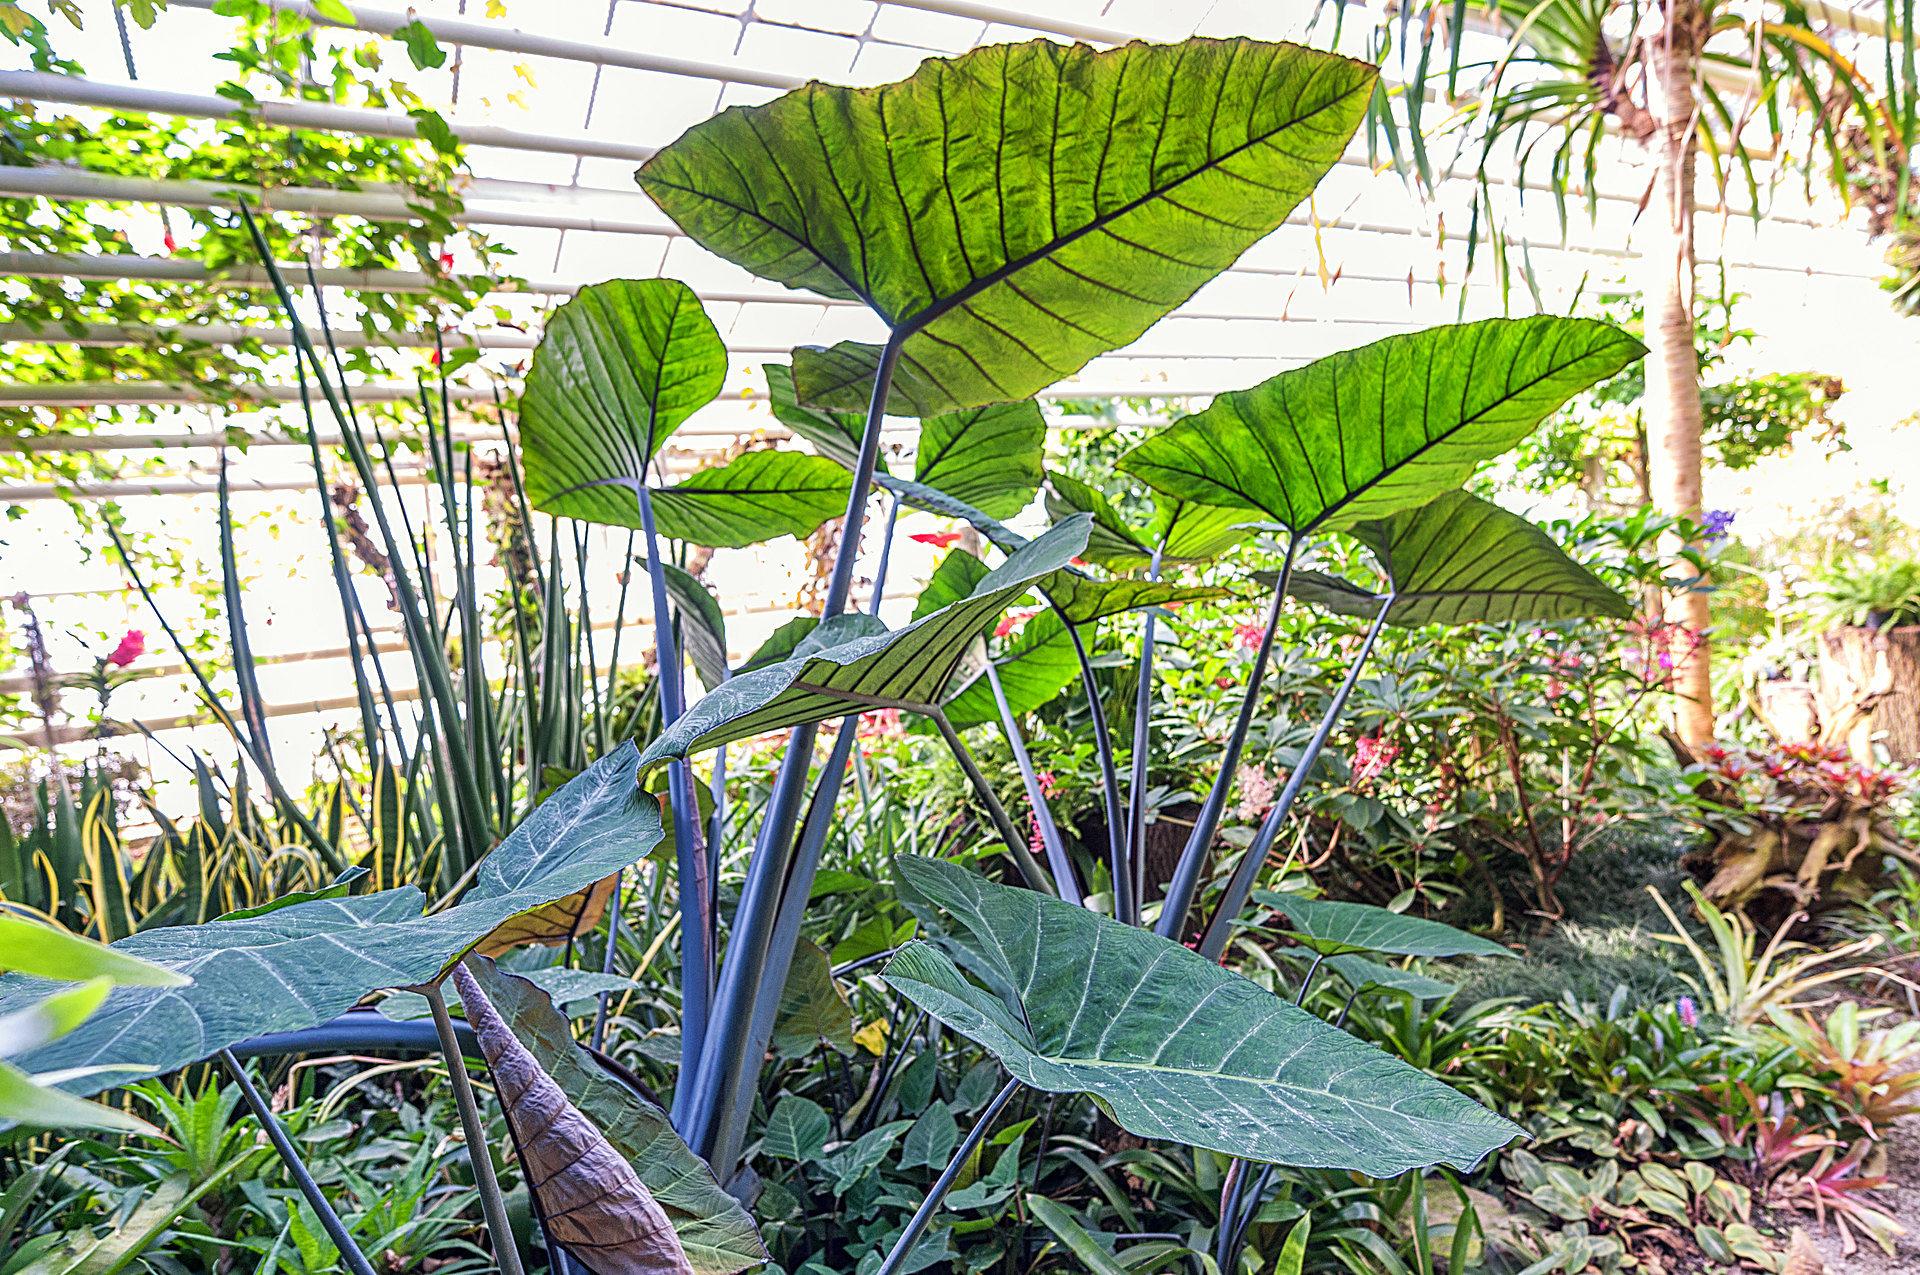 öffnungszeiten Botanischer Garten Zuhause Image Idee